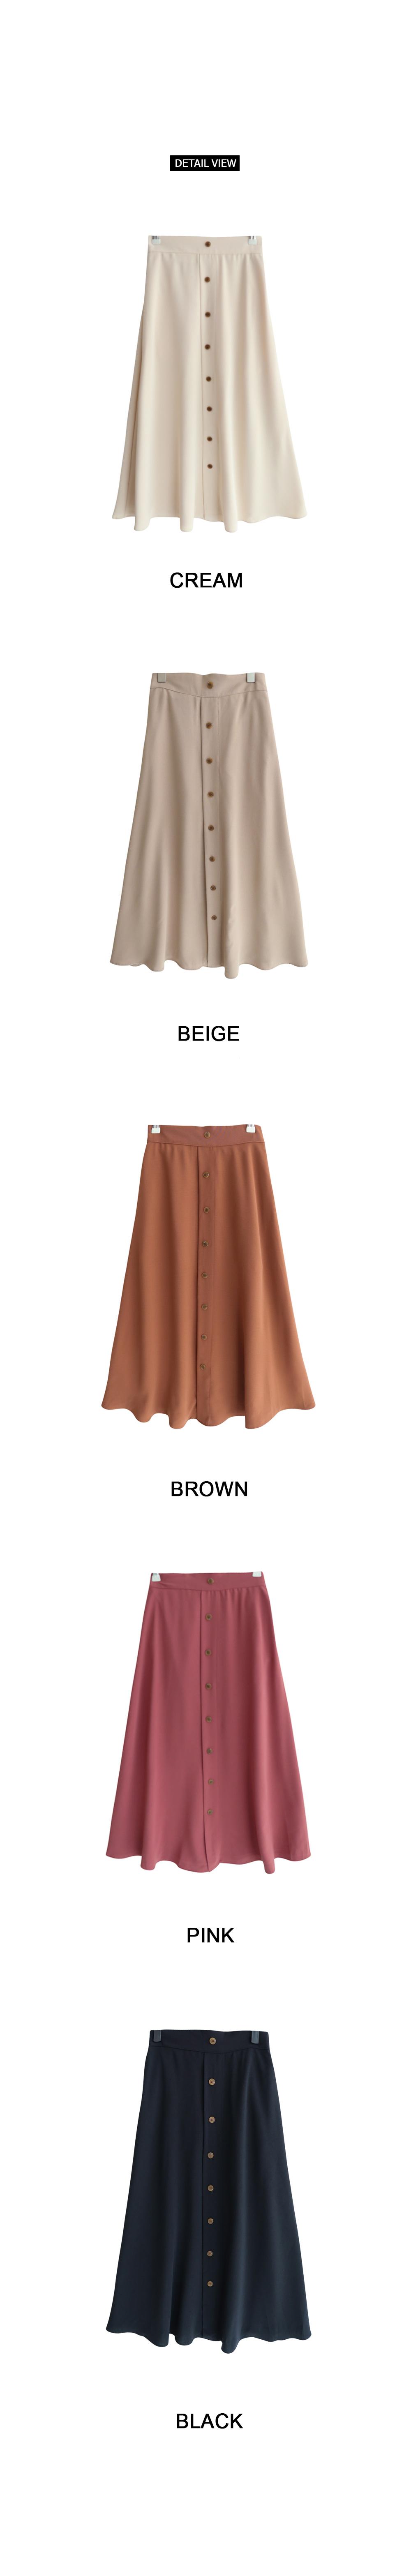 Opan skirt